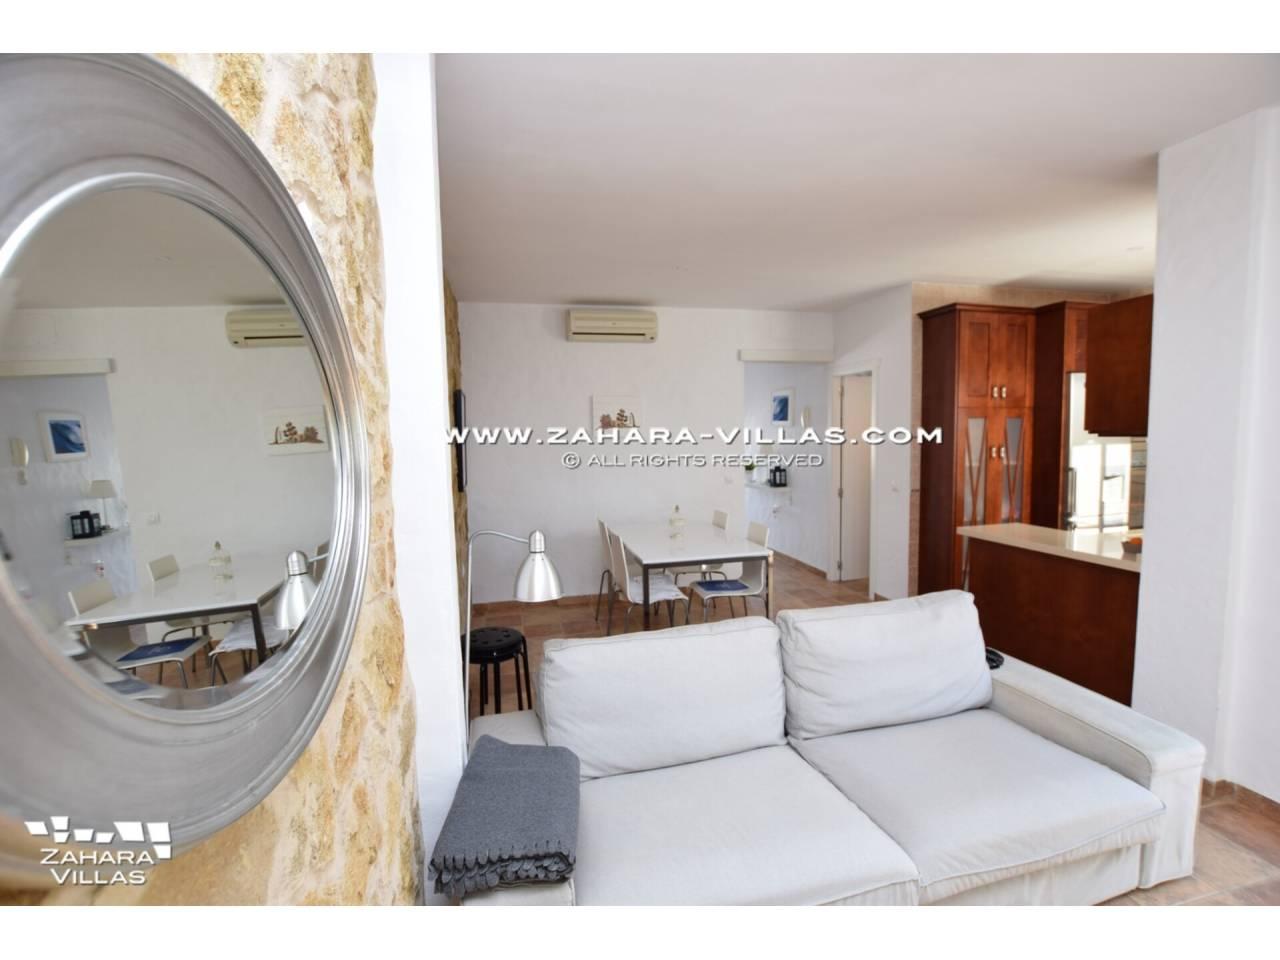 Imagen 34 de Haus zum verkauf in Zahara de los Atunes